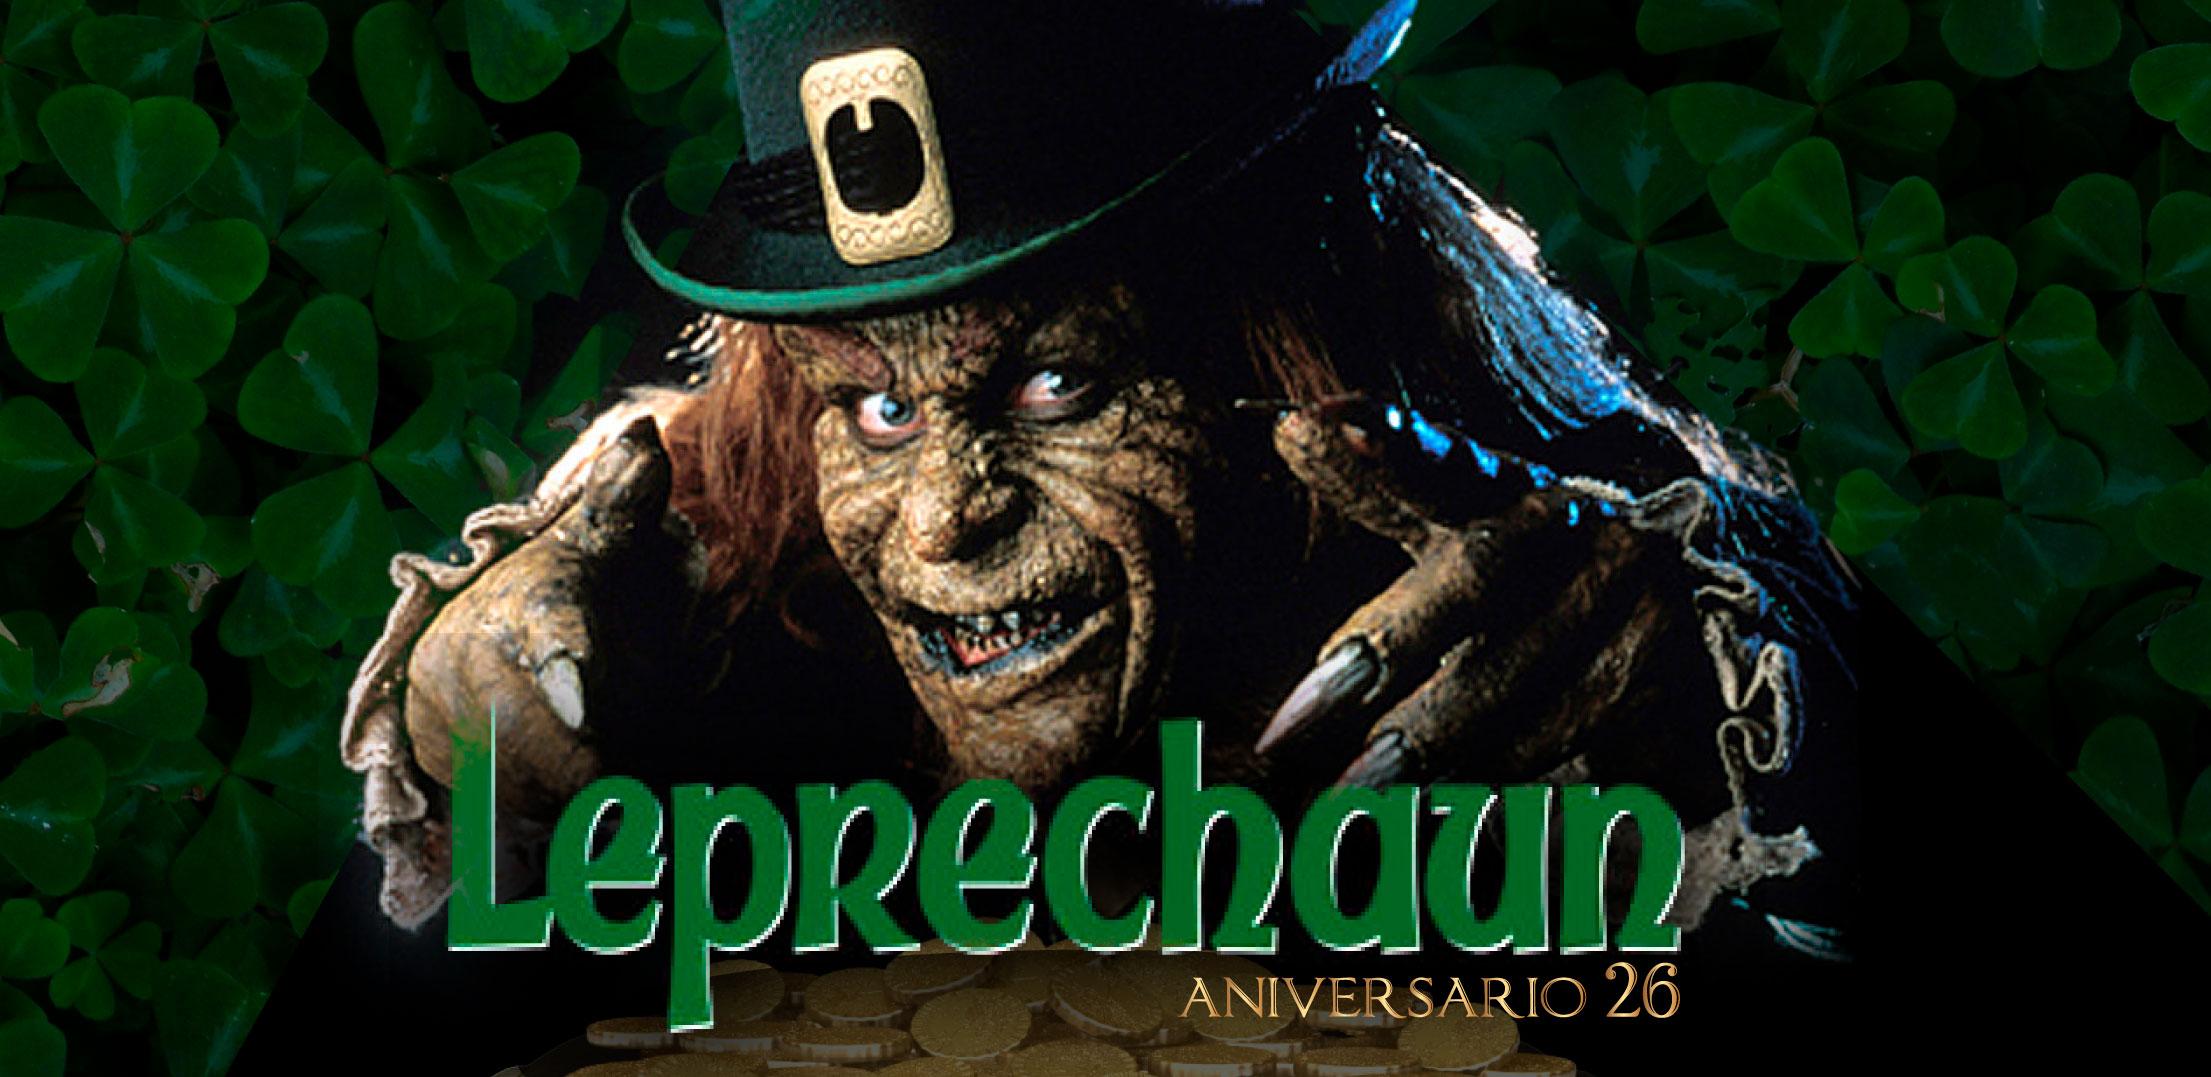 Aniversario 26 de la película: El duende, Leprechaun.